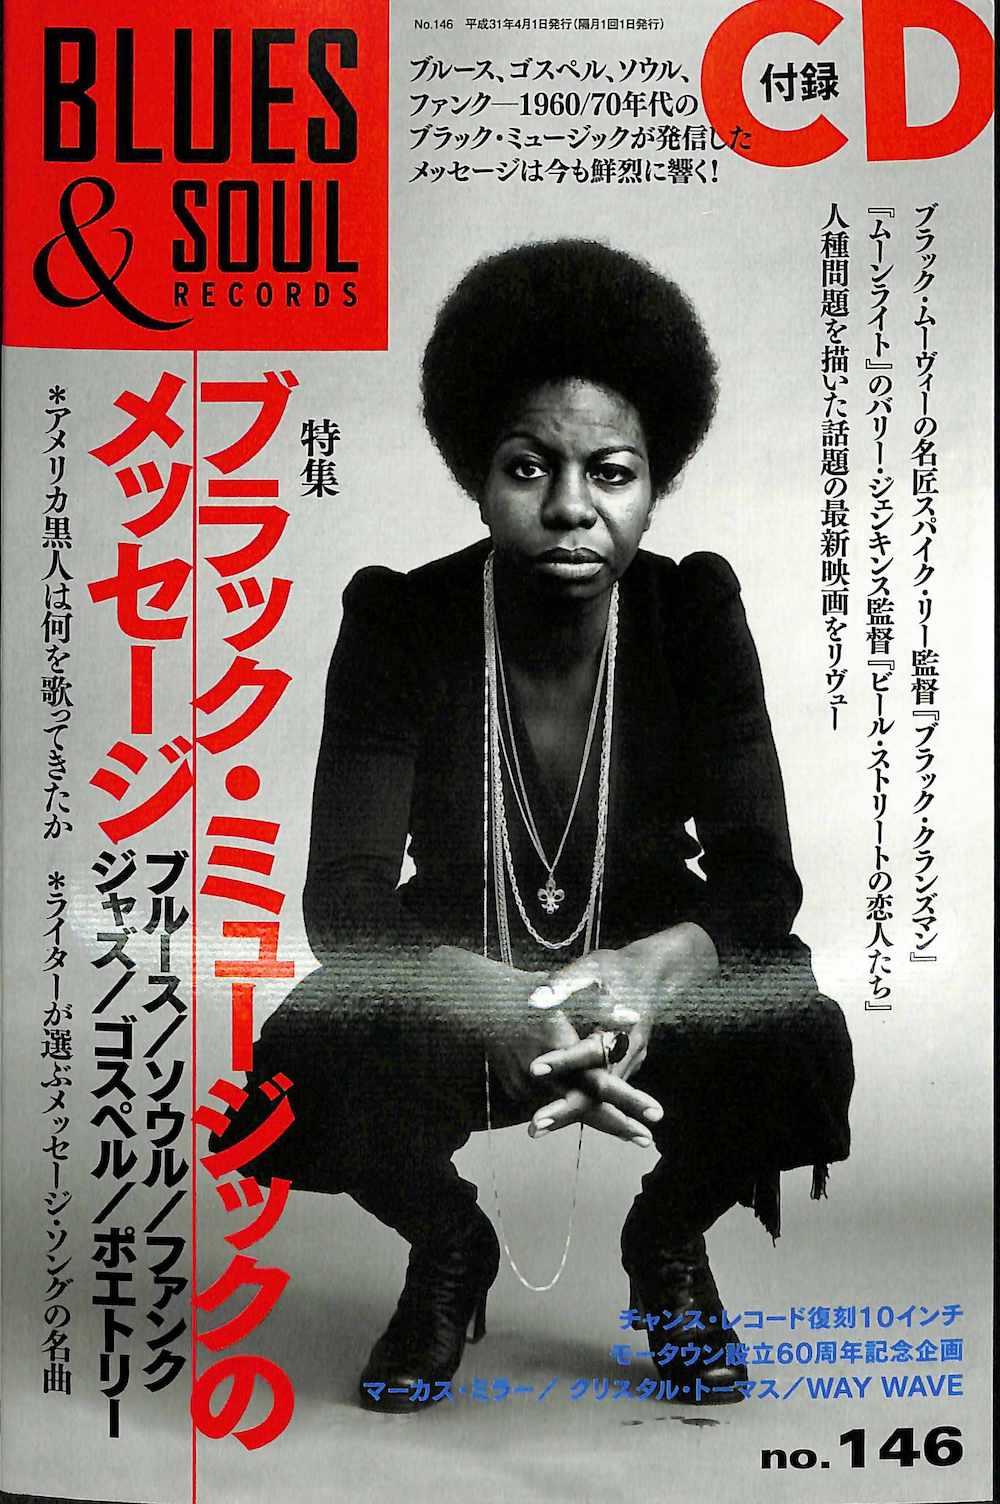 ブルース & ソウル・レコーズ - Blues & Soul Records No. 146 - Book